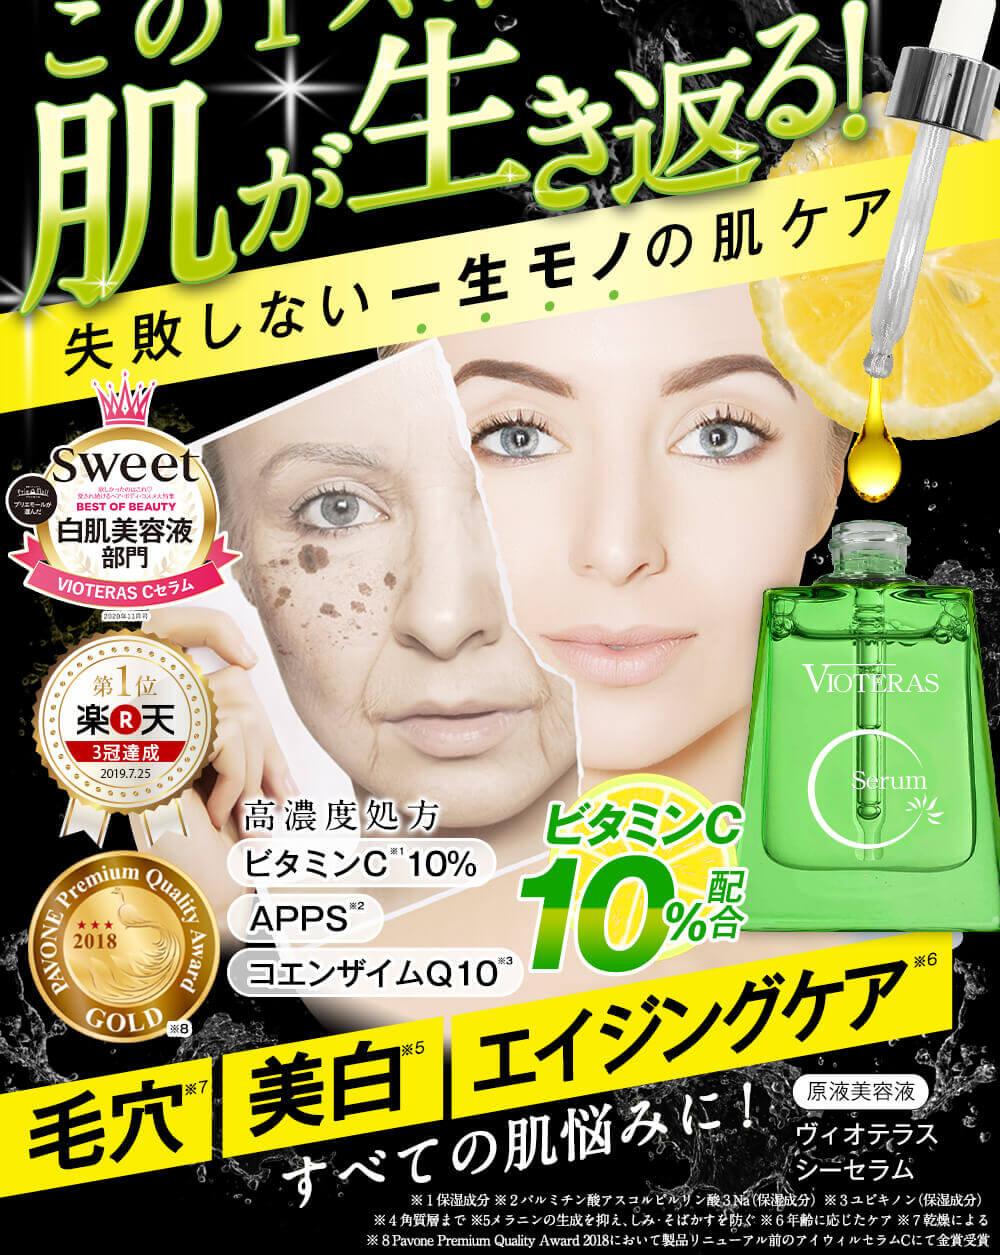 原液美容で実感!肌が生き返る高濃度ビタミンC VIOTERAS Cセラム